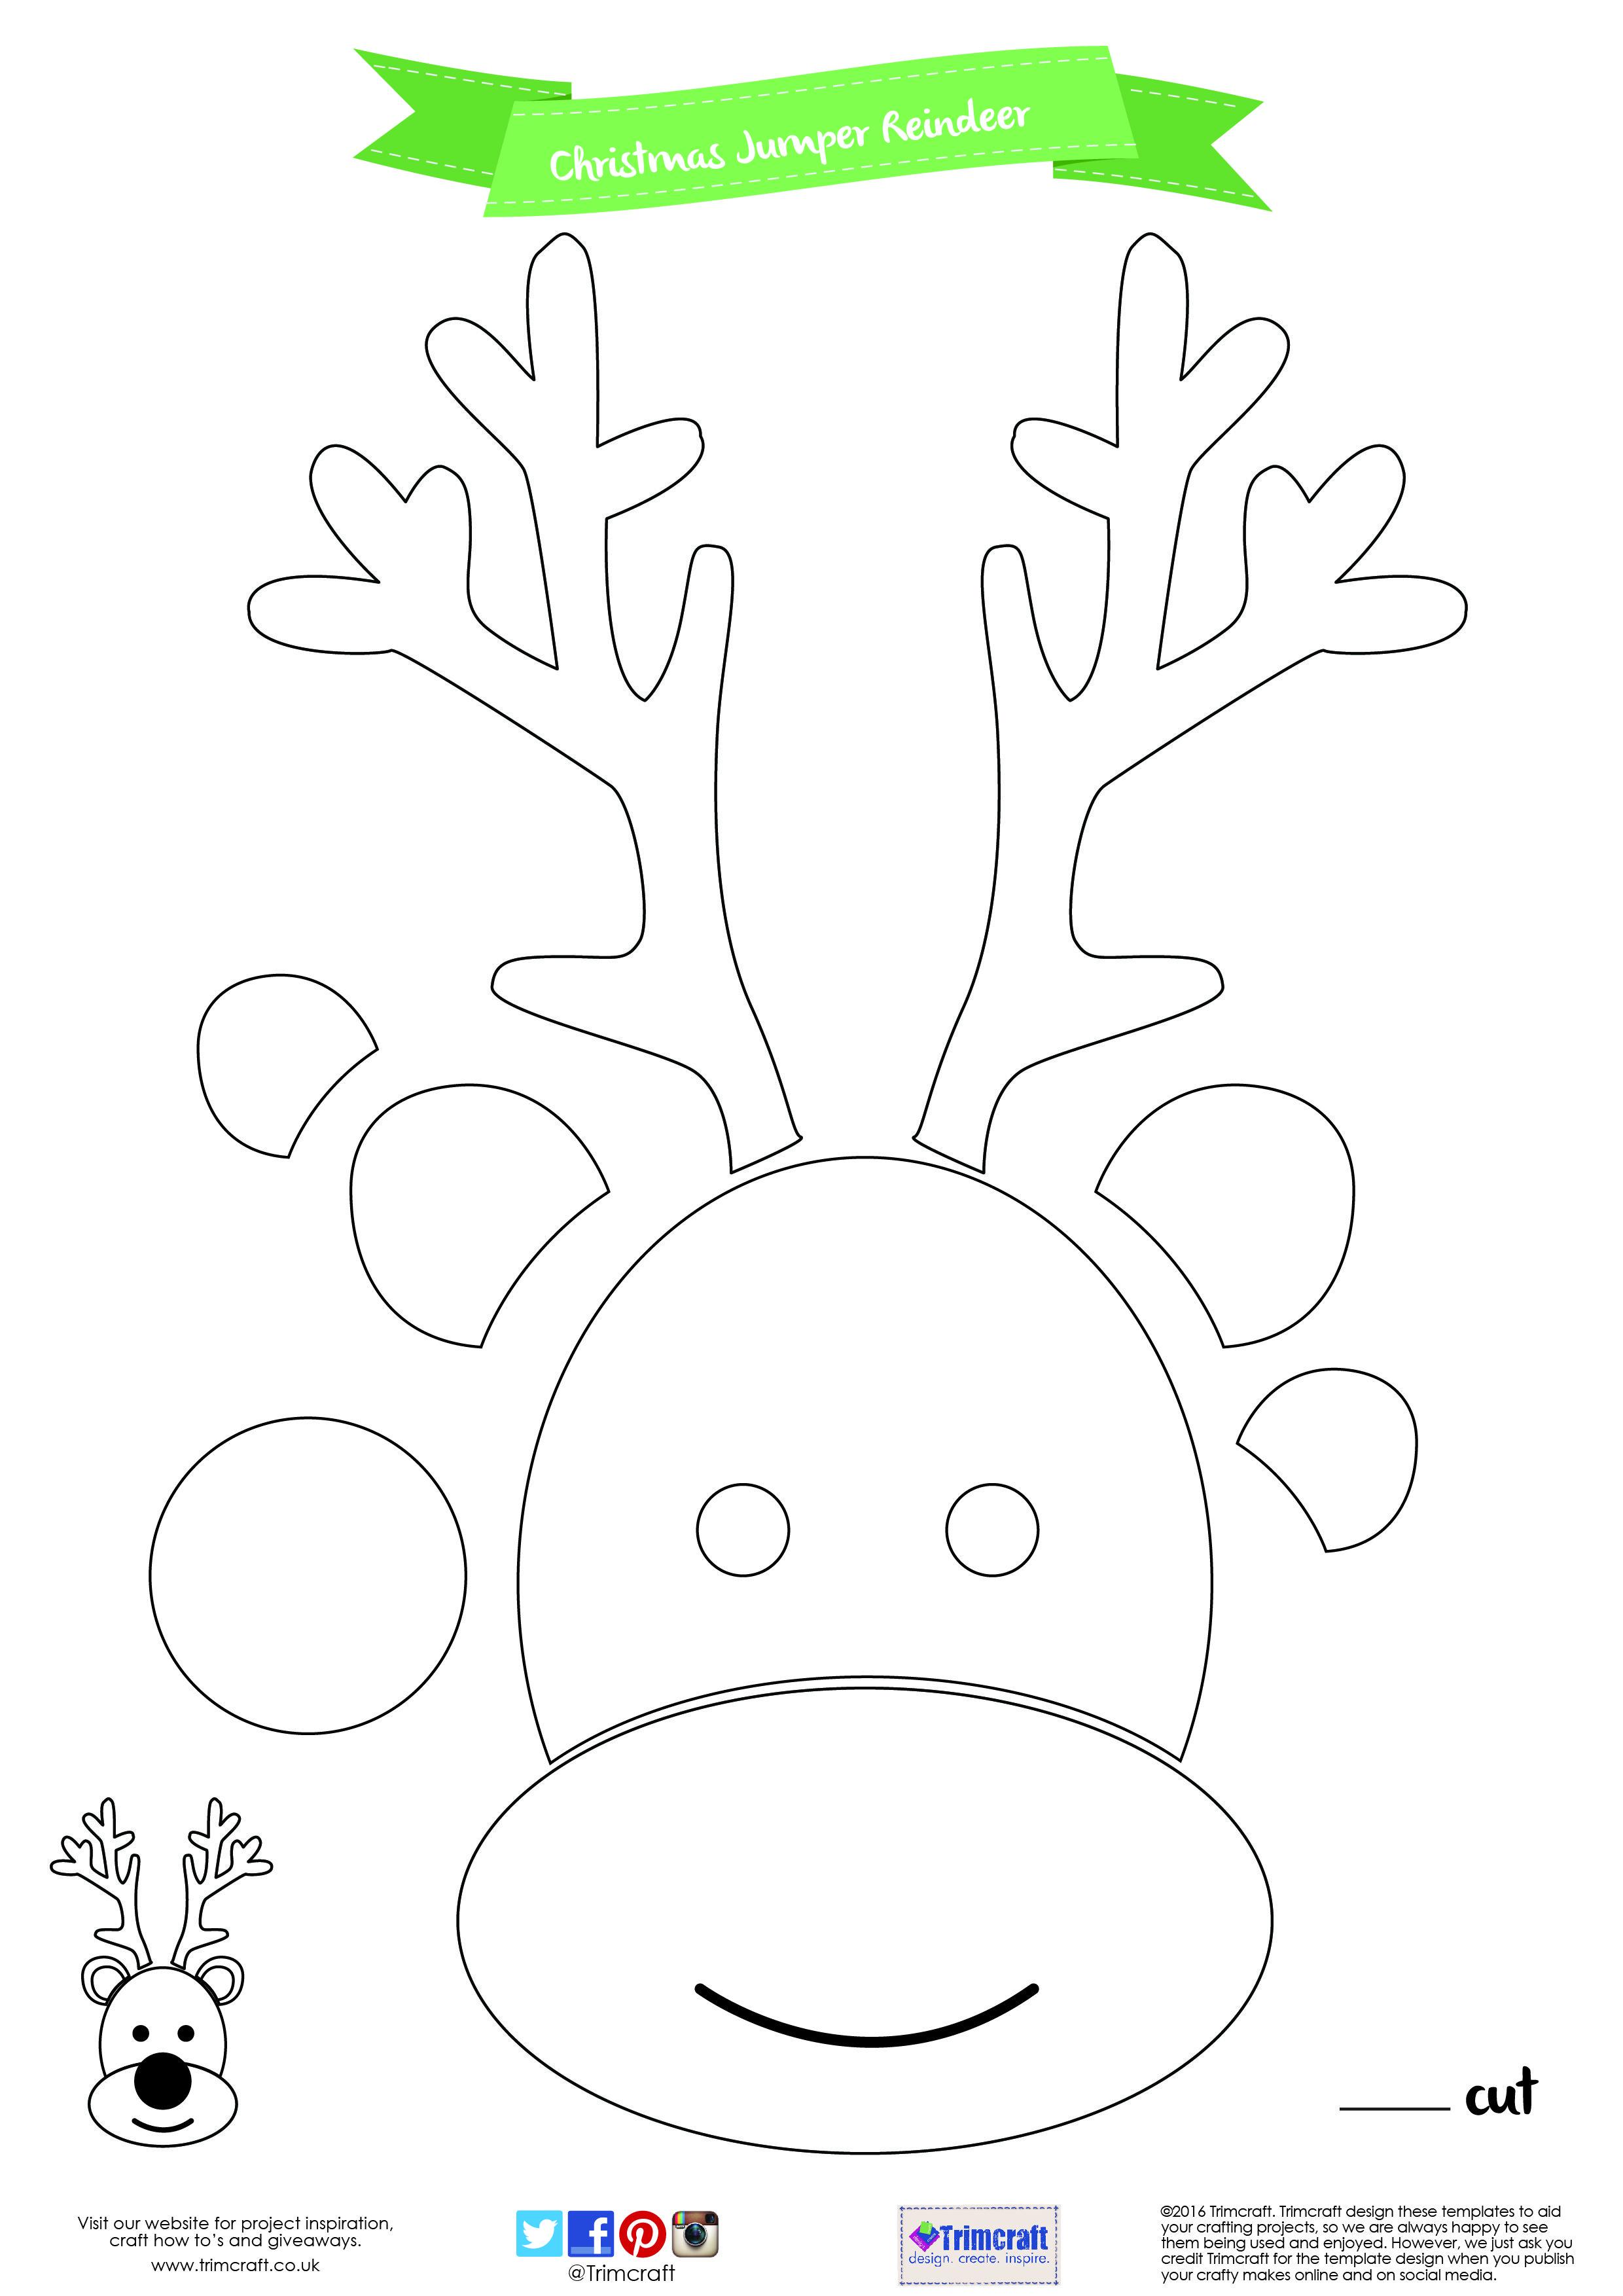 christmas_jumper_reindeer_template.jpg (2480×3508)